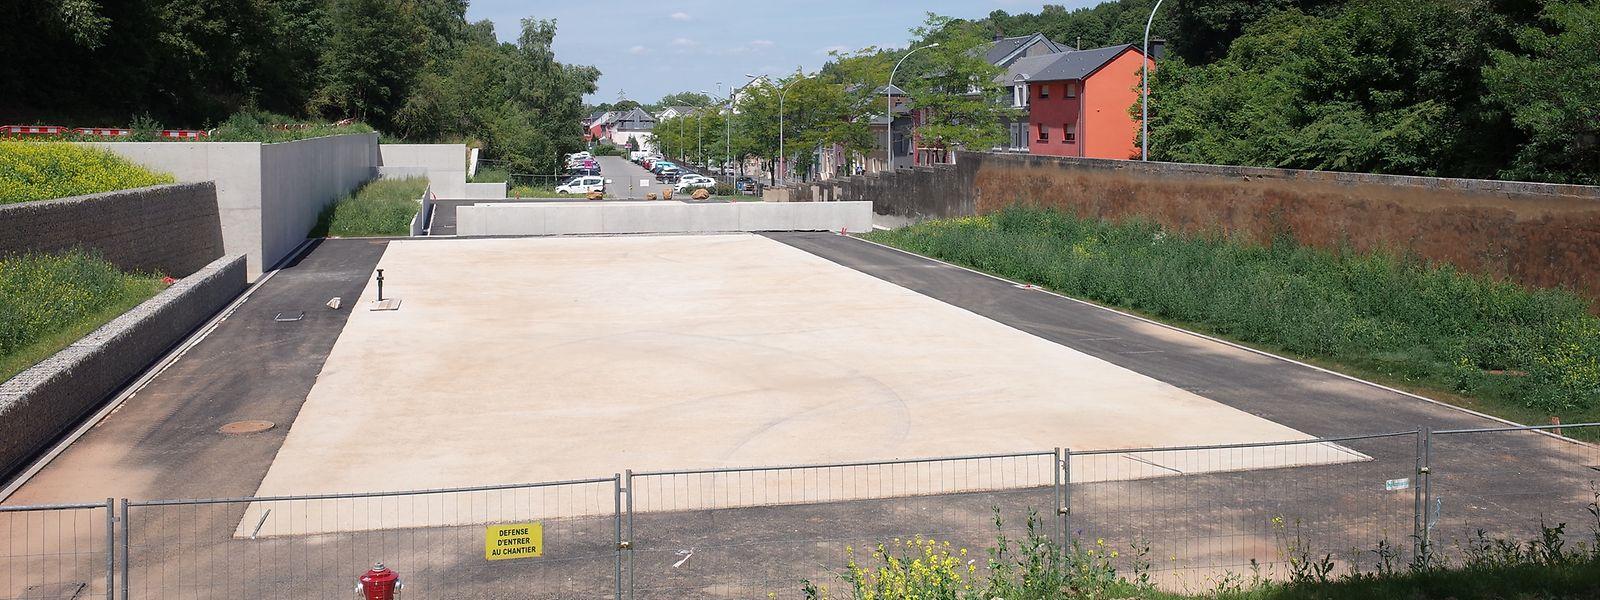 Der Standort am Quai Neudorf ist fertig vorbereitet. Nach den Sommerferien soll die eigentliche Struktur des Flüchtlingsheims montiert werden.